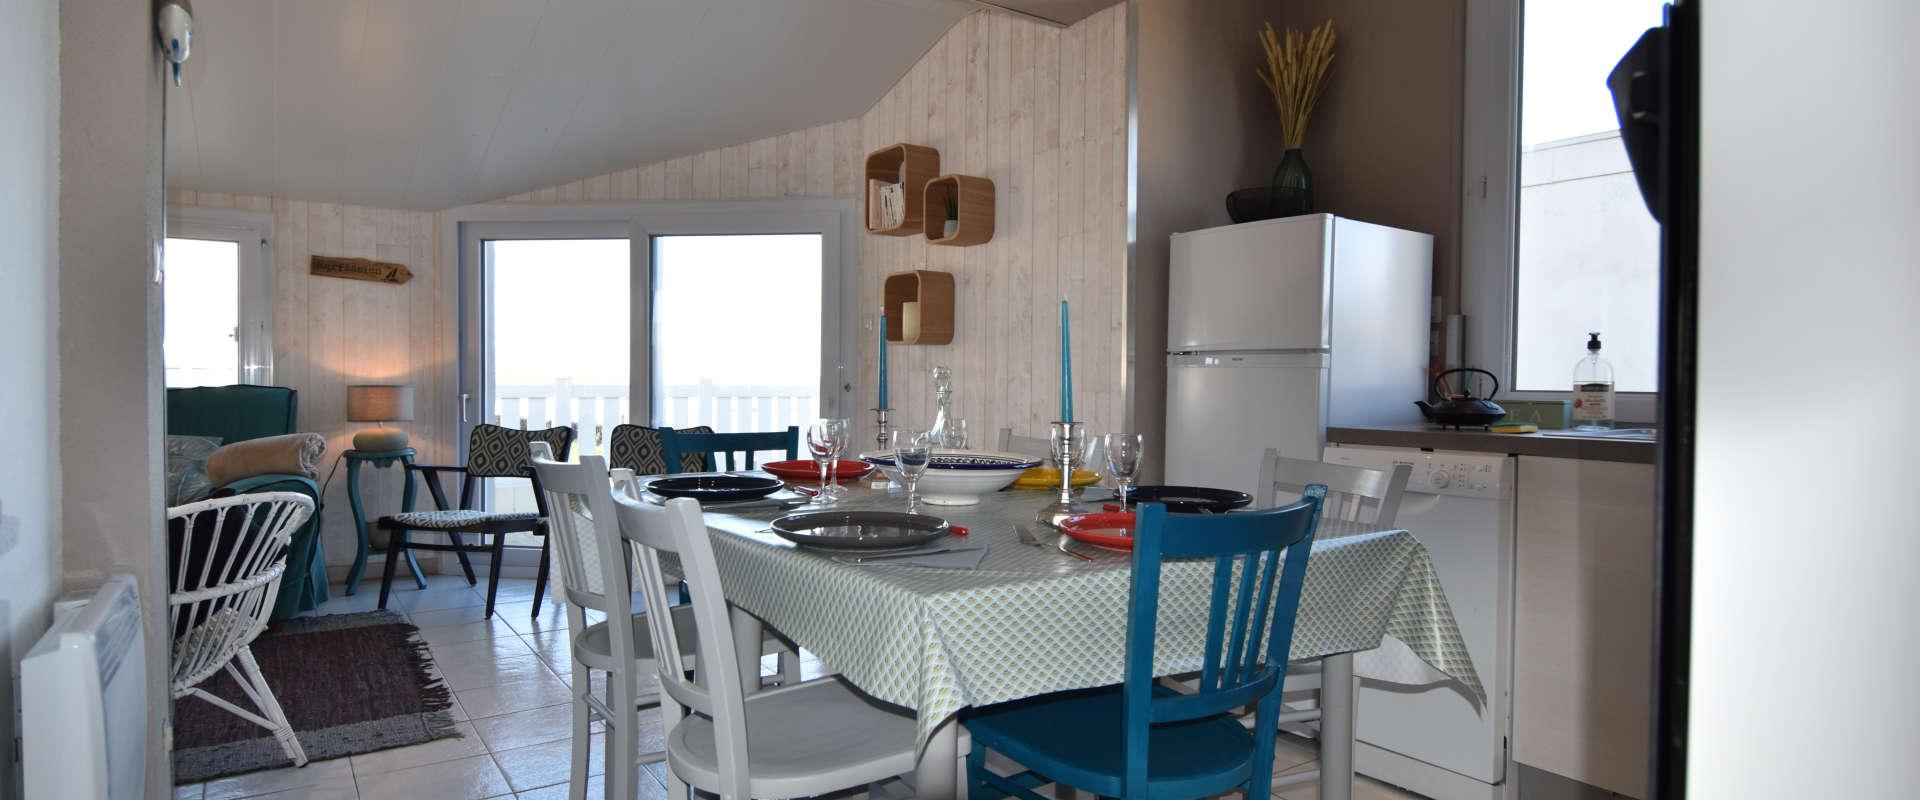 ti-ann2-cuisine-et-salle.jpg